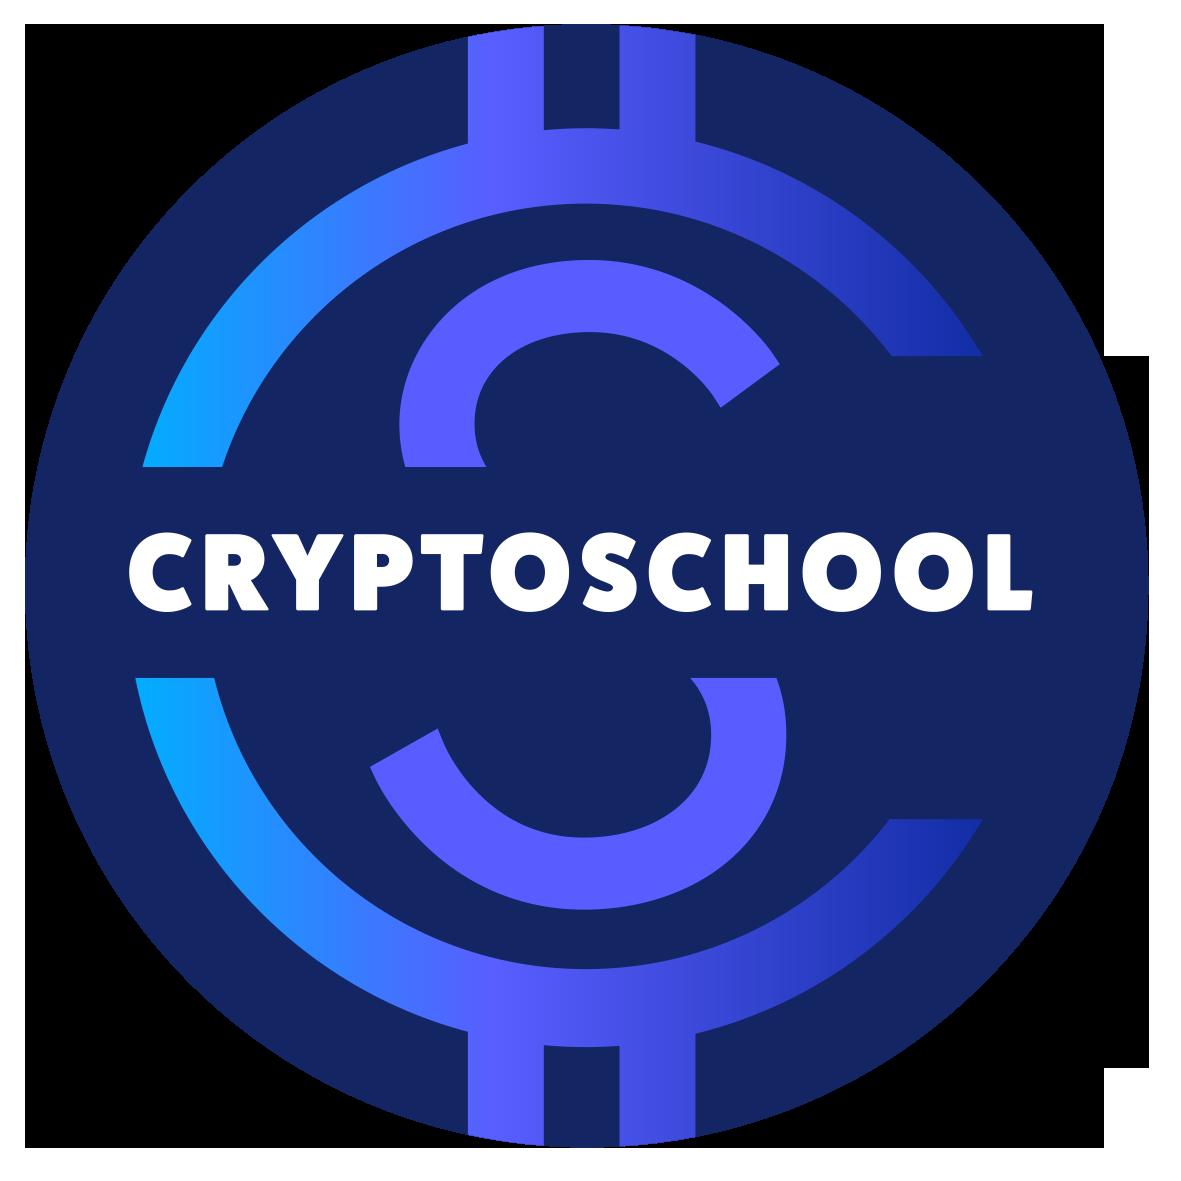 Leer Bitcoin en altcoins verkopen met winst (voor particulieren) blockchain programmeren (voor professionals)